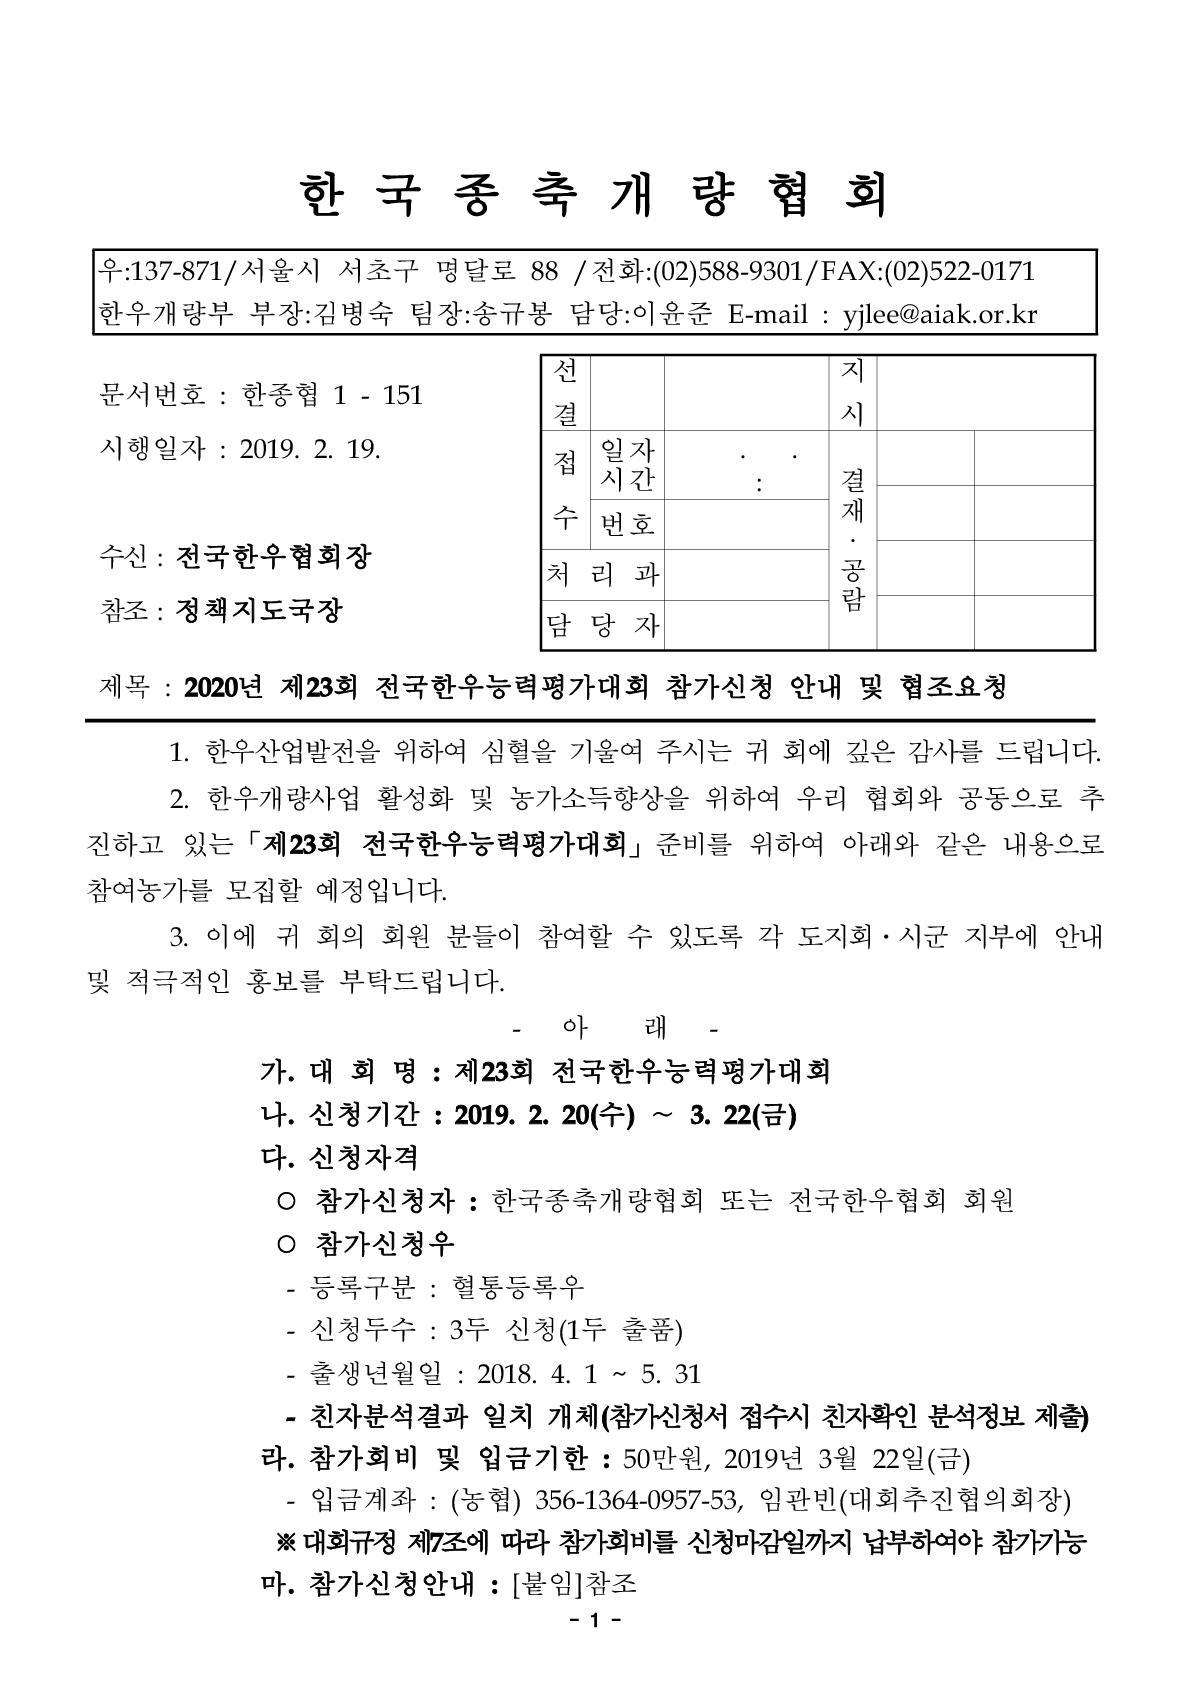 한능평참가신청 안내(한우협회)_1.jpg